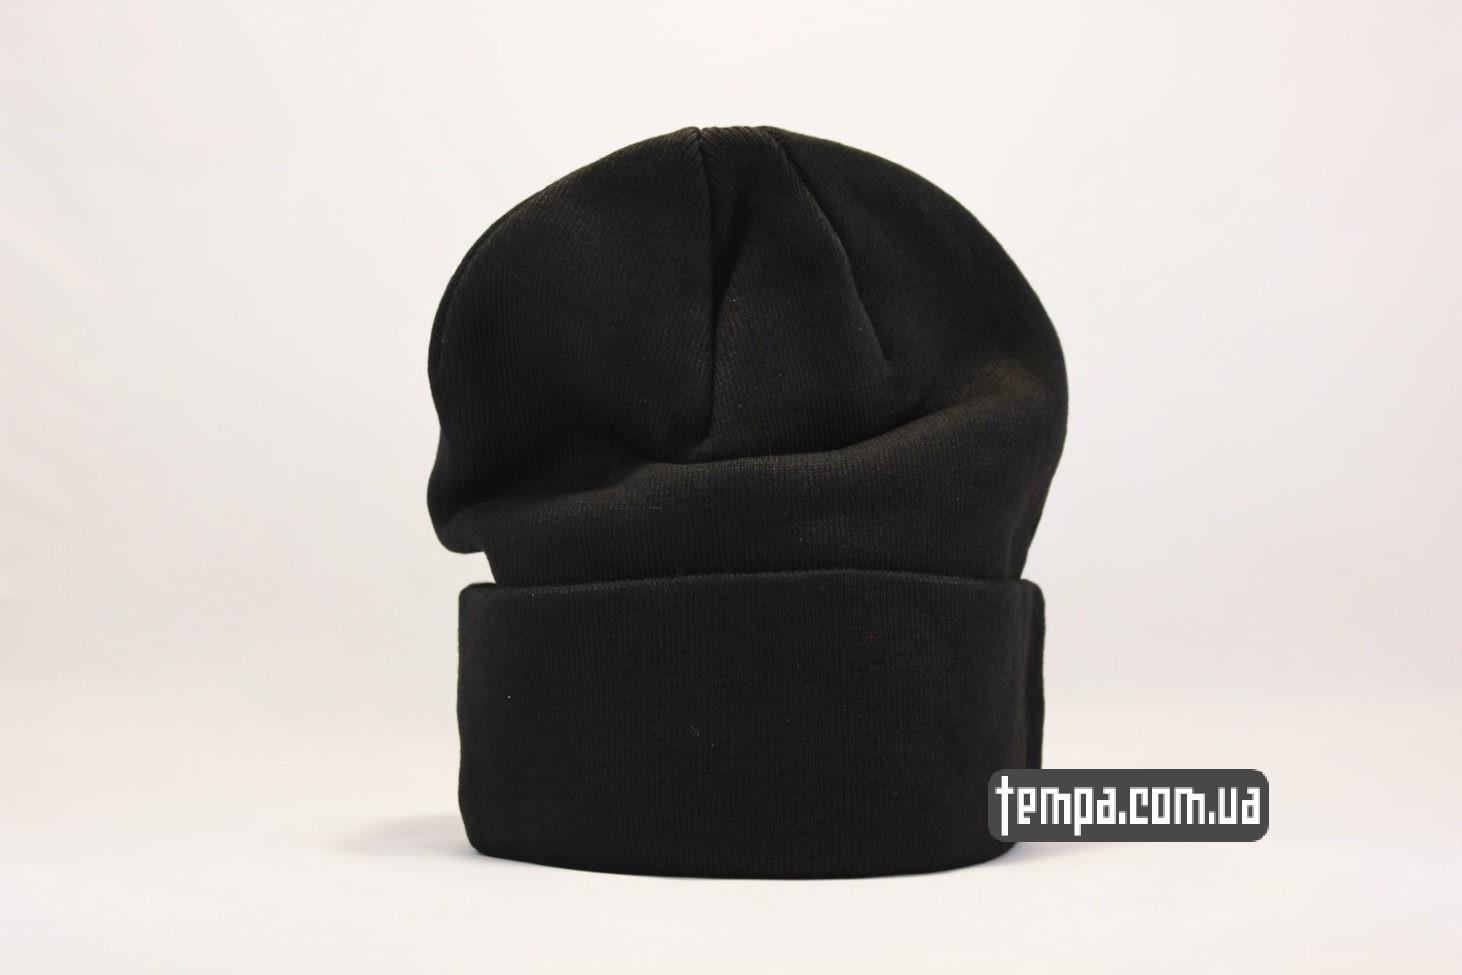 фила оригинал купить шапка beanie FILA black черная купить